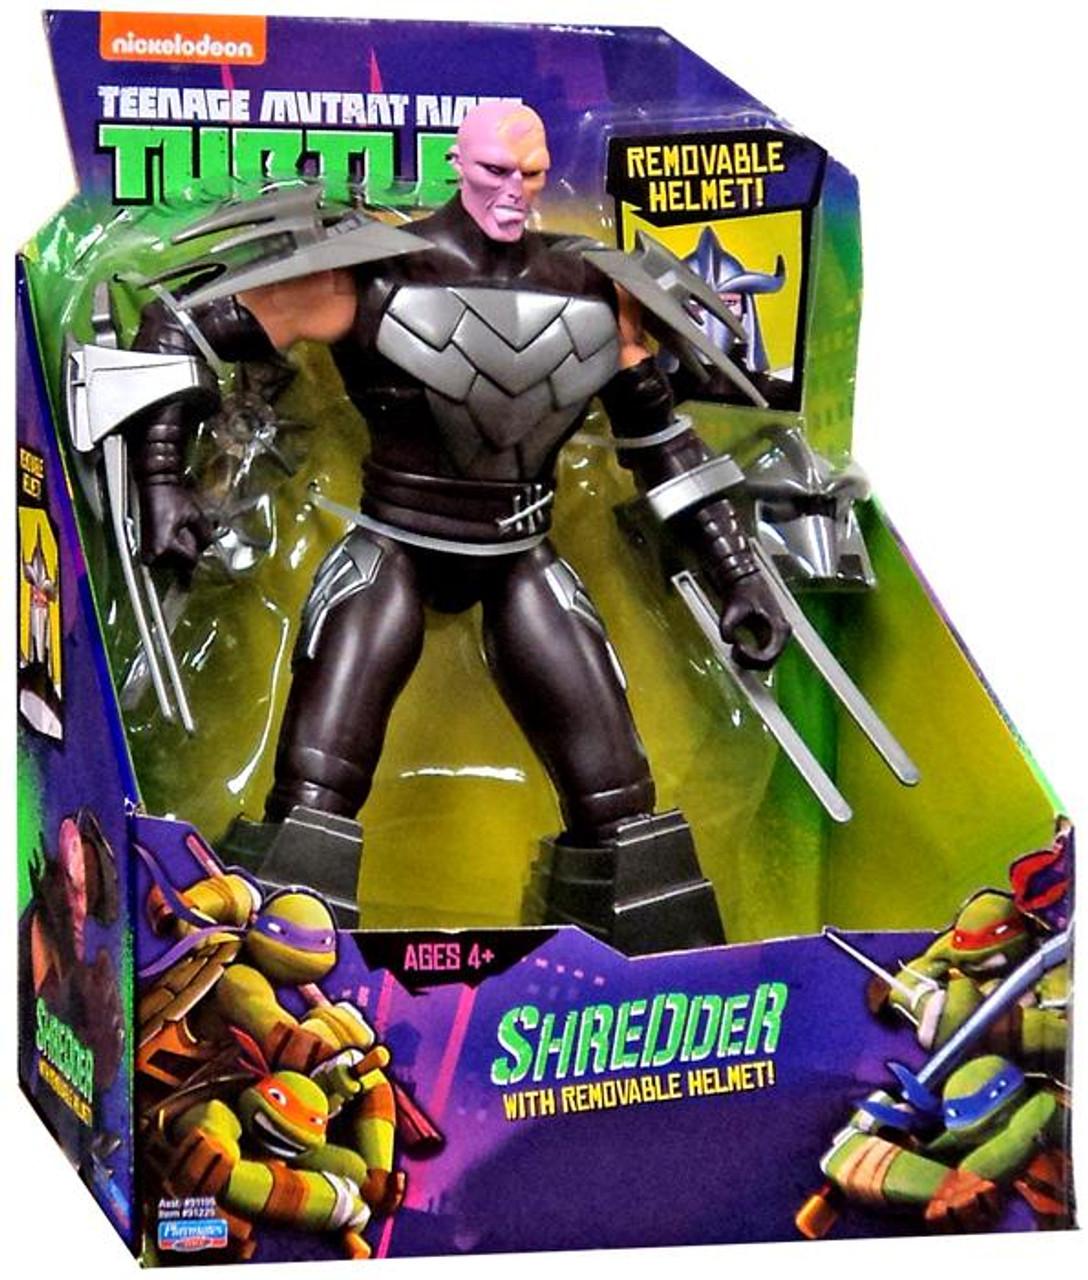 tmnt 2003 shredder toy